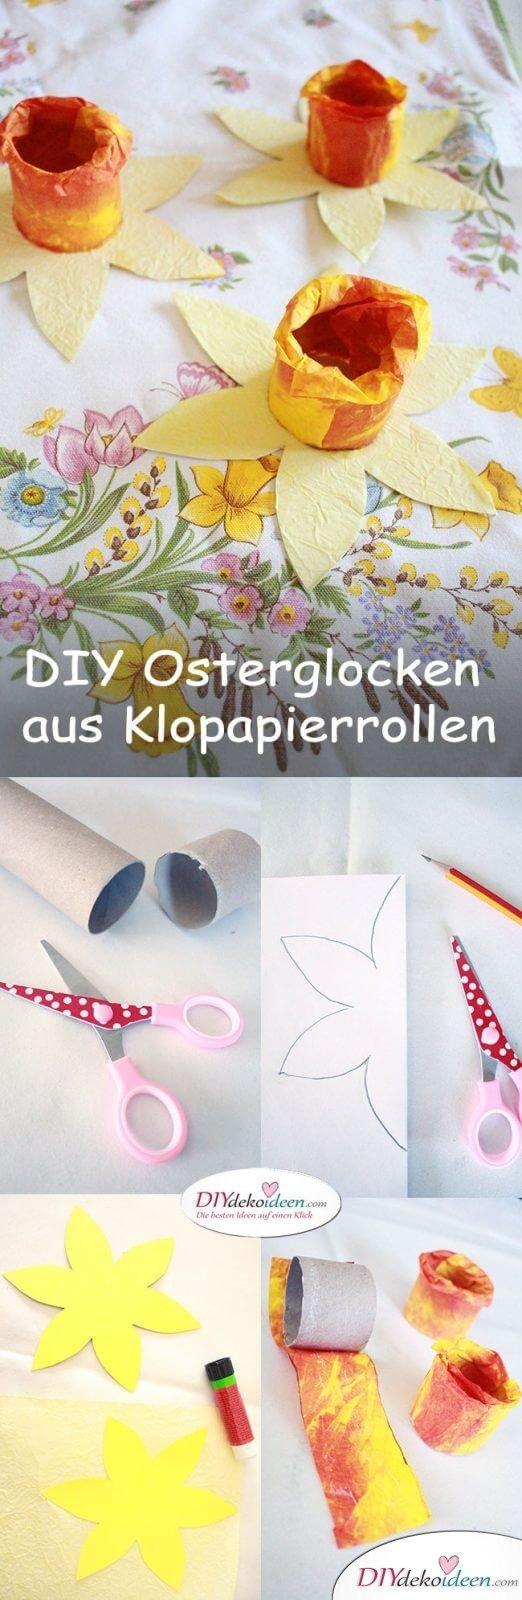 DIY Ideen – Osterglocken basteln mit Klopapierrollen und Knitterpapier